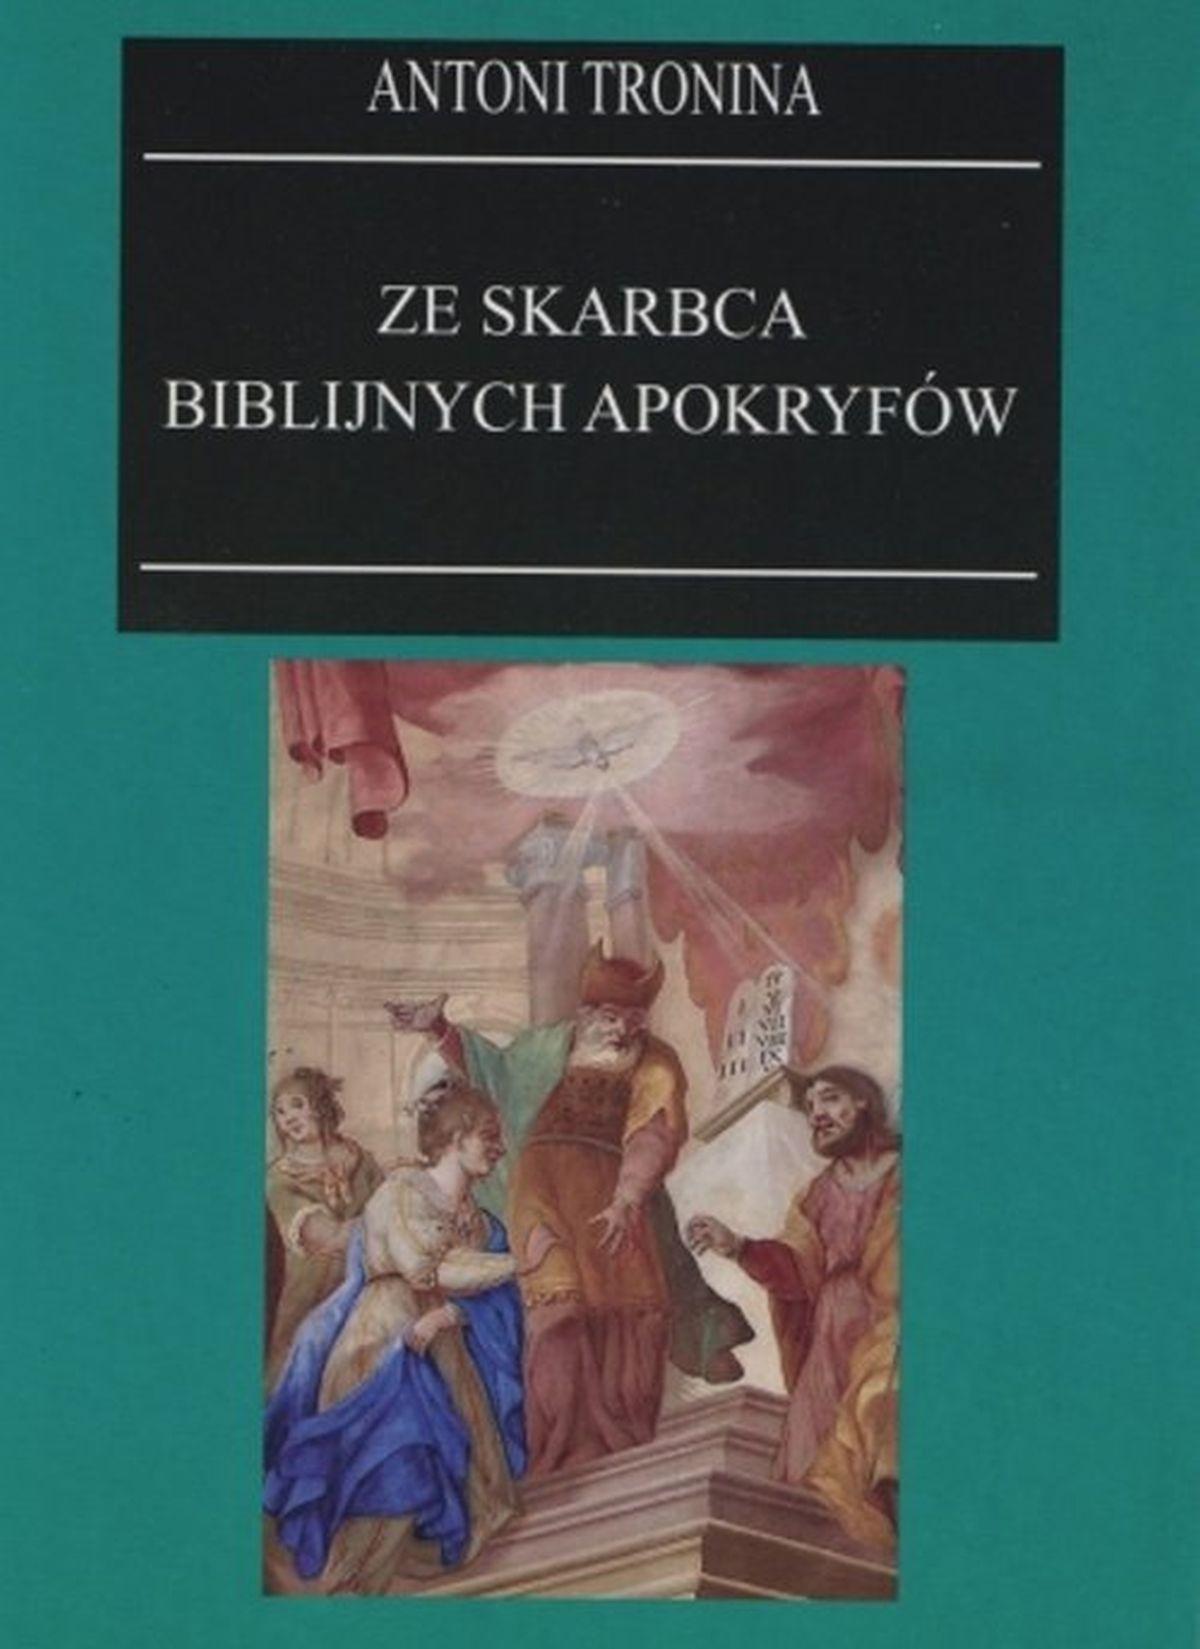 Ze skarbca biblijnych apokryfów